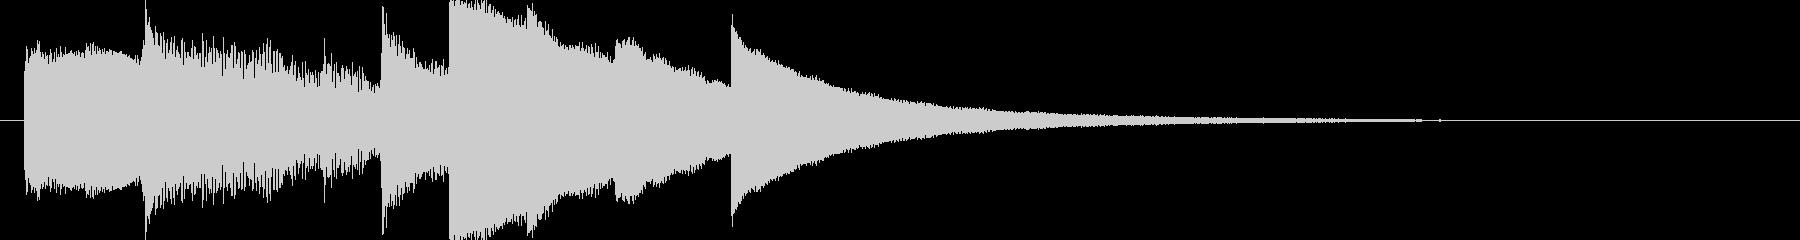 ジングル - 日記を書くの未再生の波形